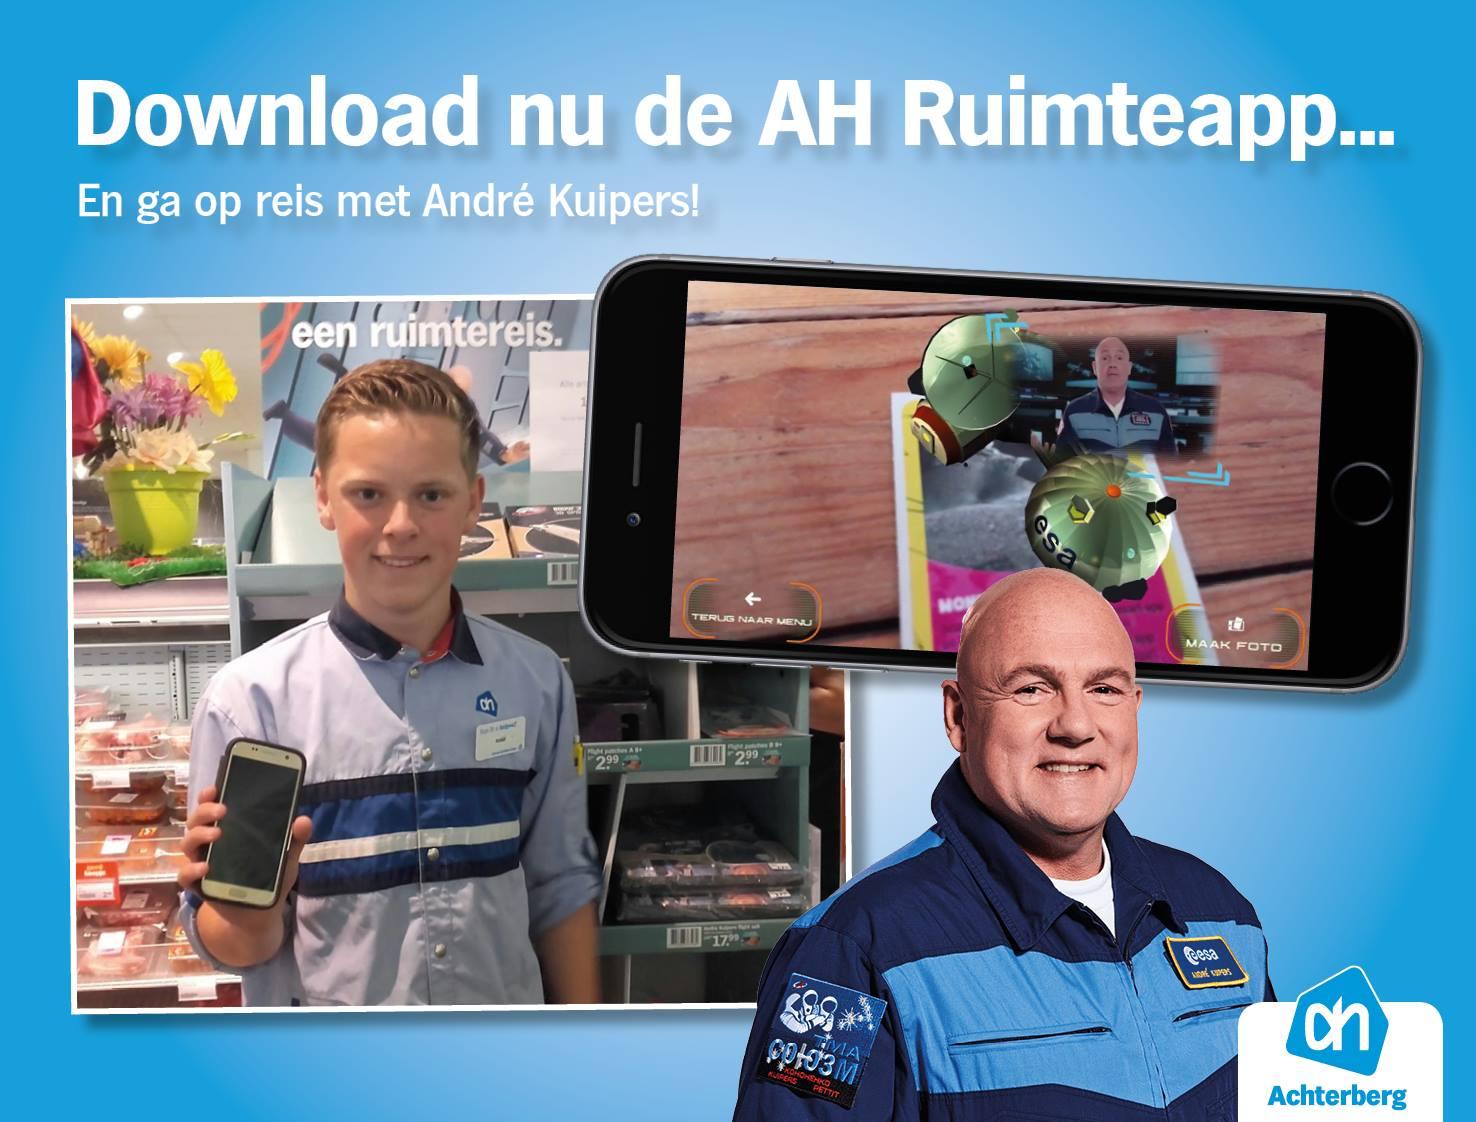 Download nu de AH Ruimteapp… En ga op reis met André Kuipers!